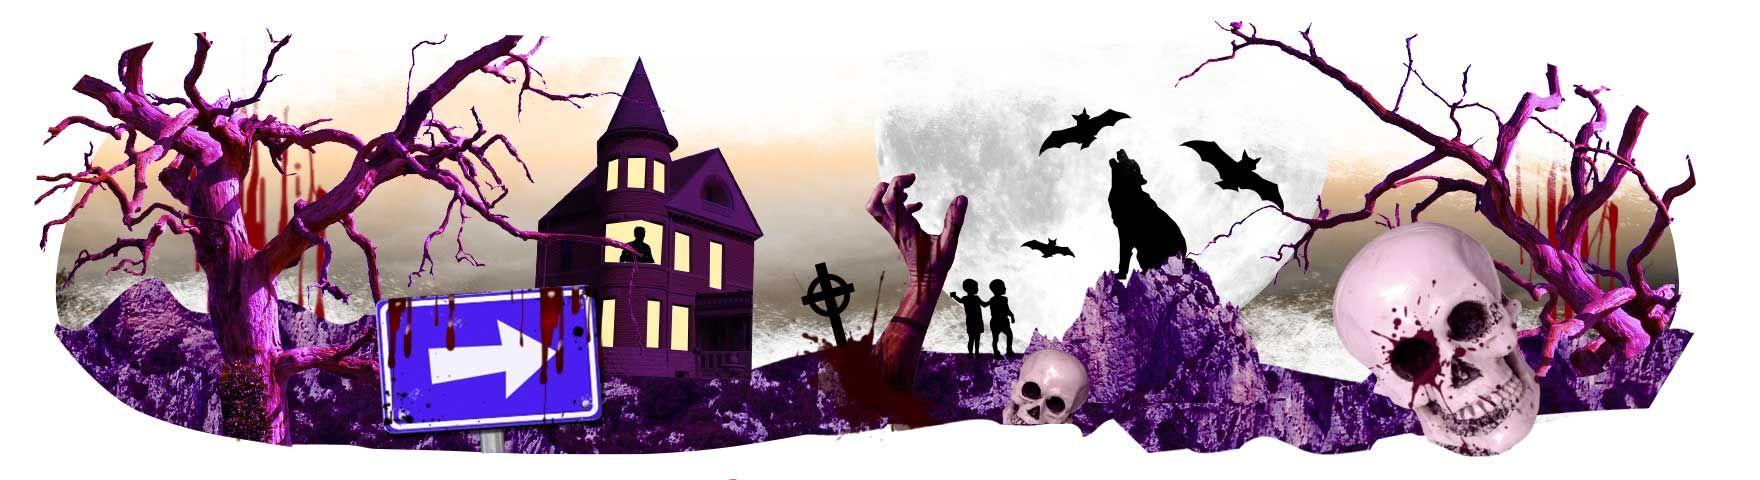 halloweenwandeling kinderen - Google zoeken